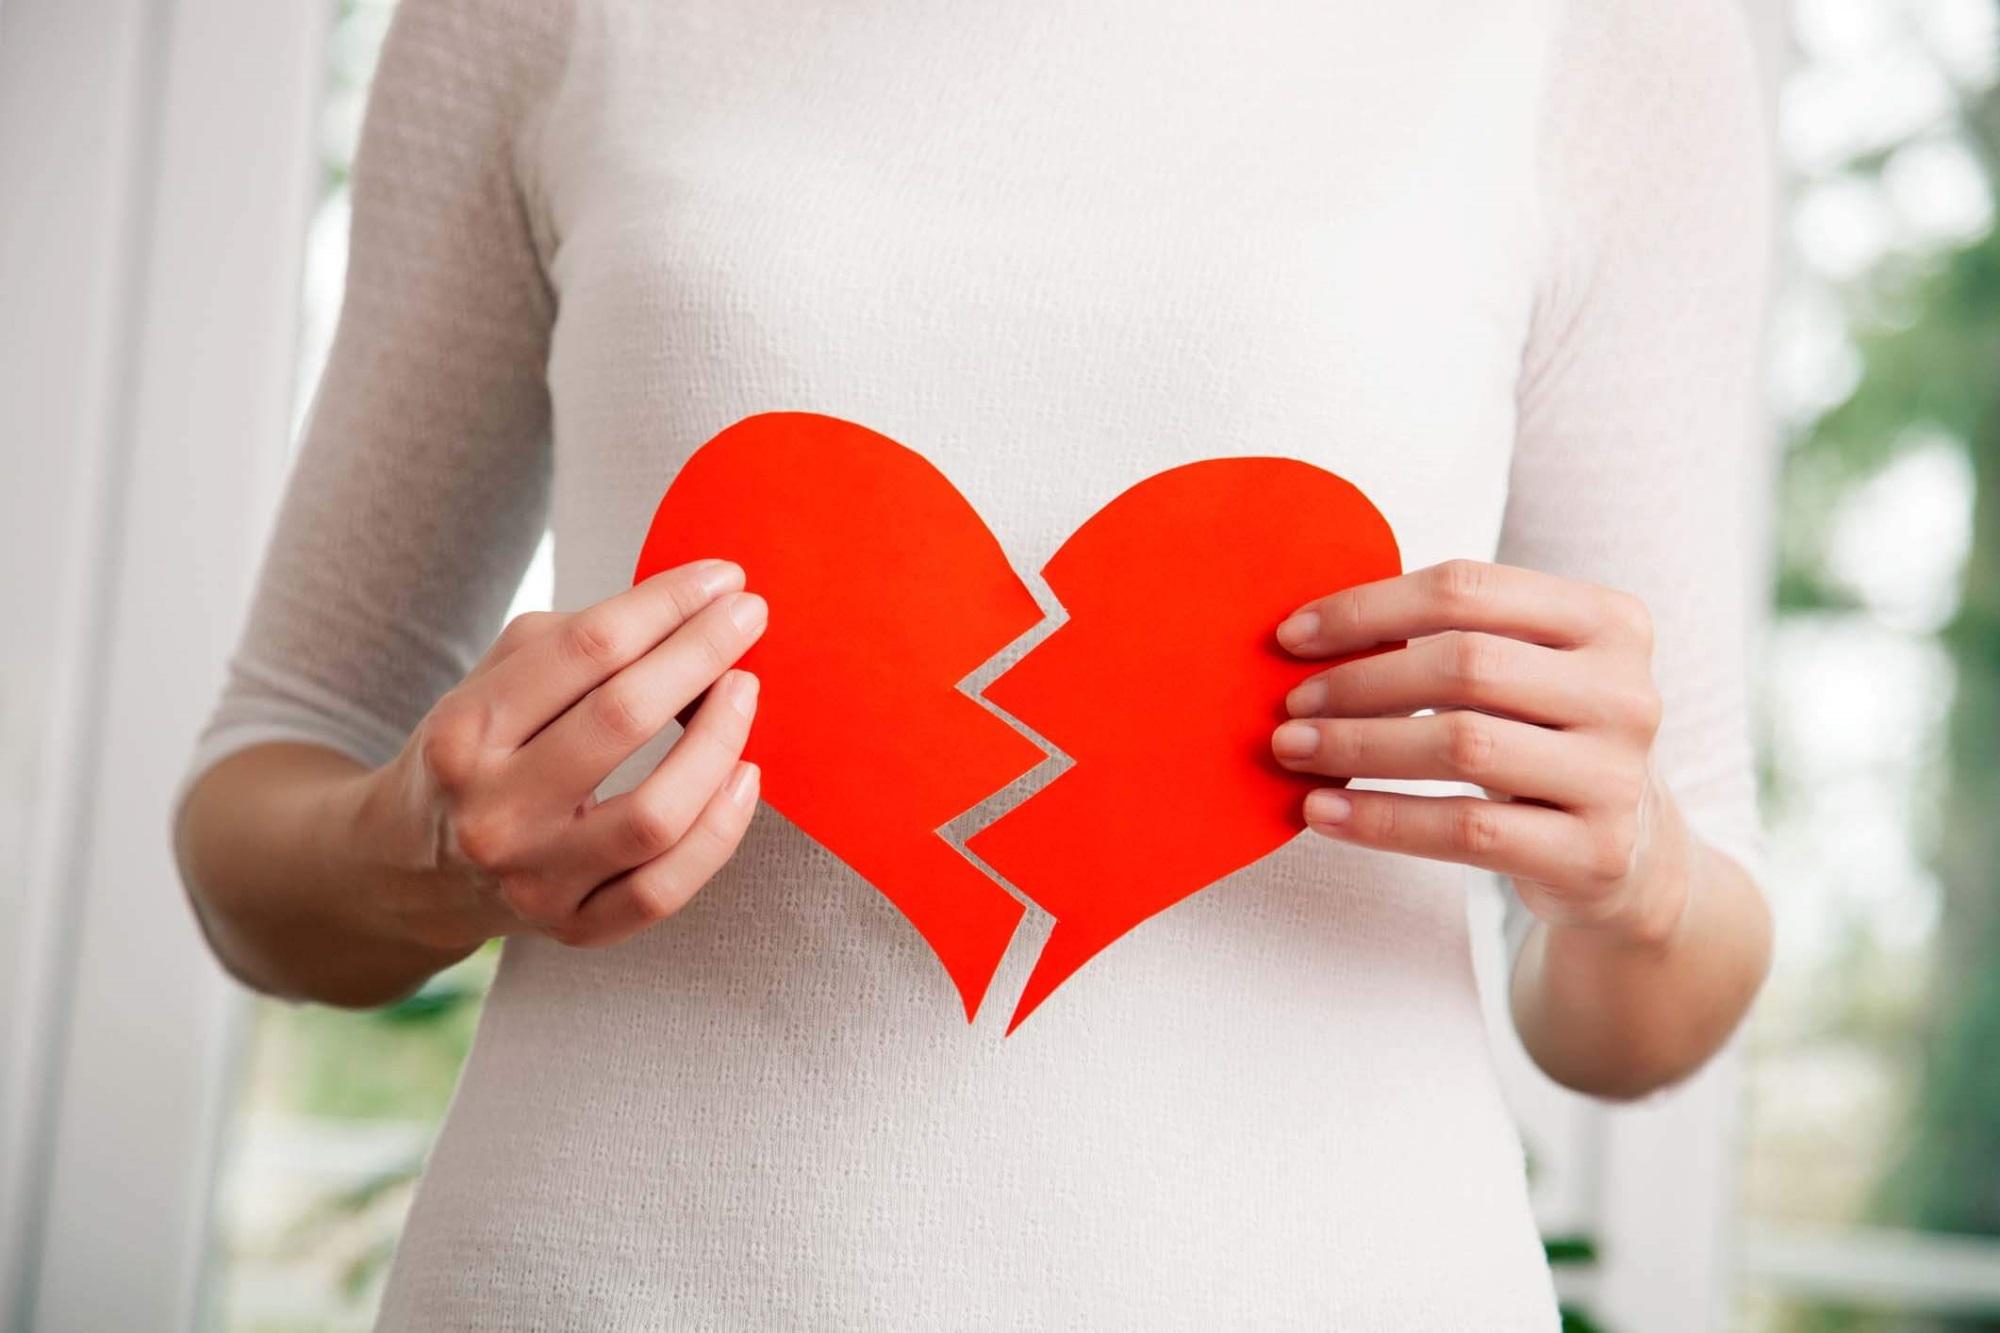 Đây chính là 3 cách chia tay tàn nhẫn nhất của đàn ông khiến phụ nữ mất niềm tin vào tình yêu - Ảnh 4